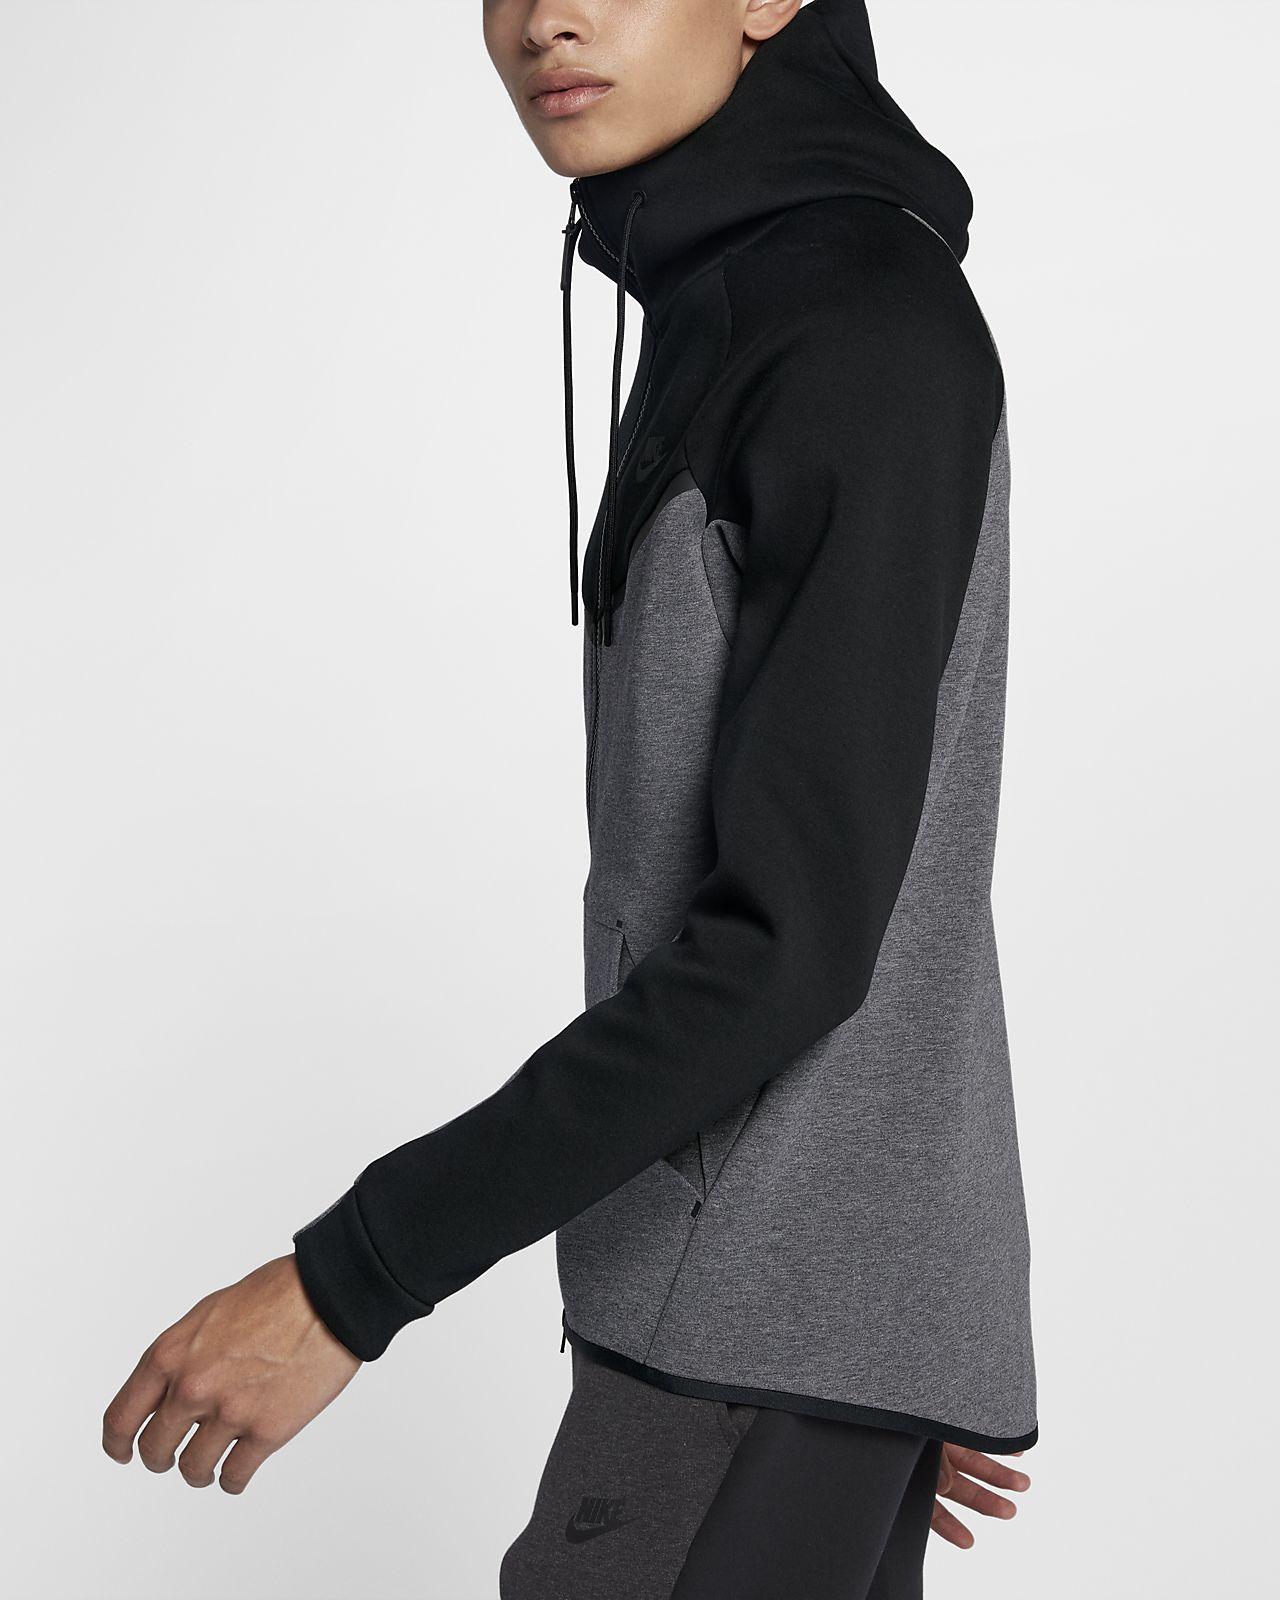 Fleece Nike Nike Homme Homme Tech Gris Nike Tech Fleece Tech Gris Fleece txoBrsdChQ